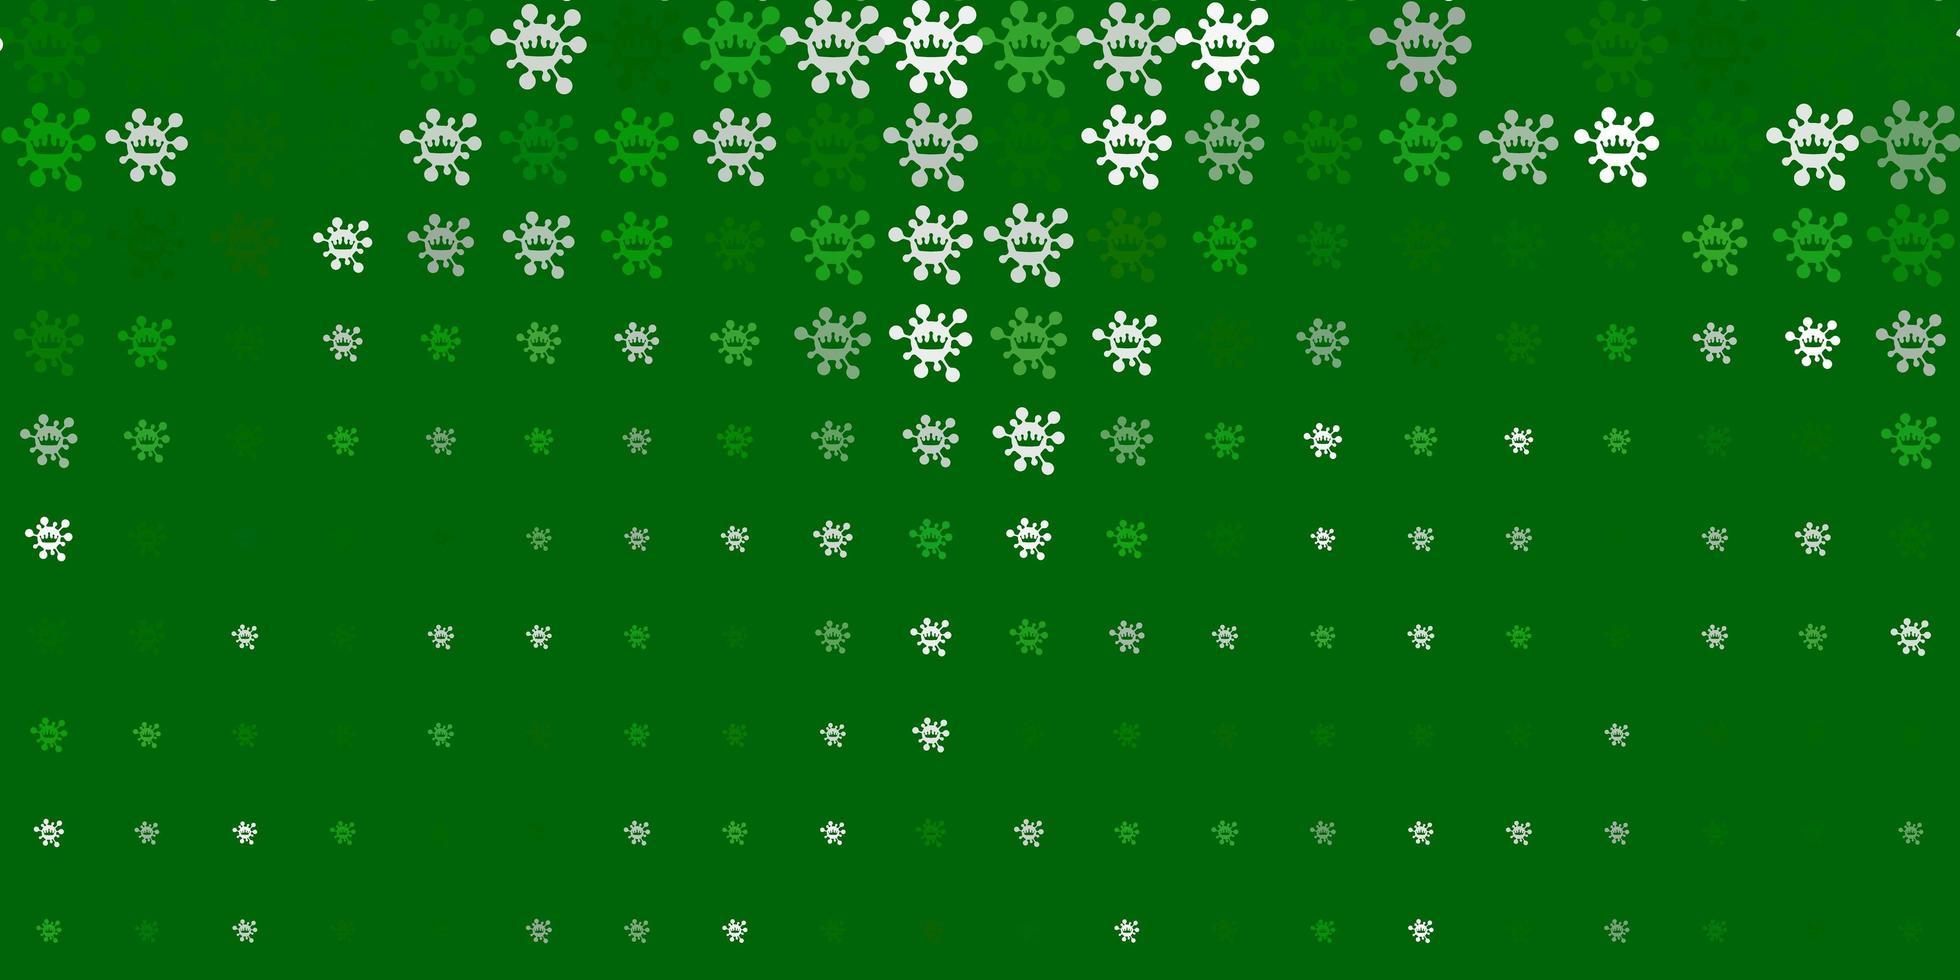 hellgrüner Vektorhintergrund mit Virensymbolen vektor